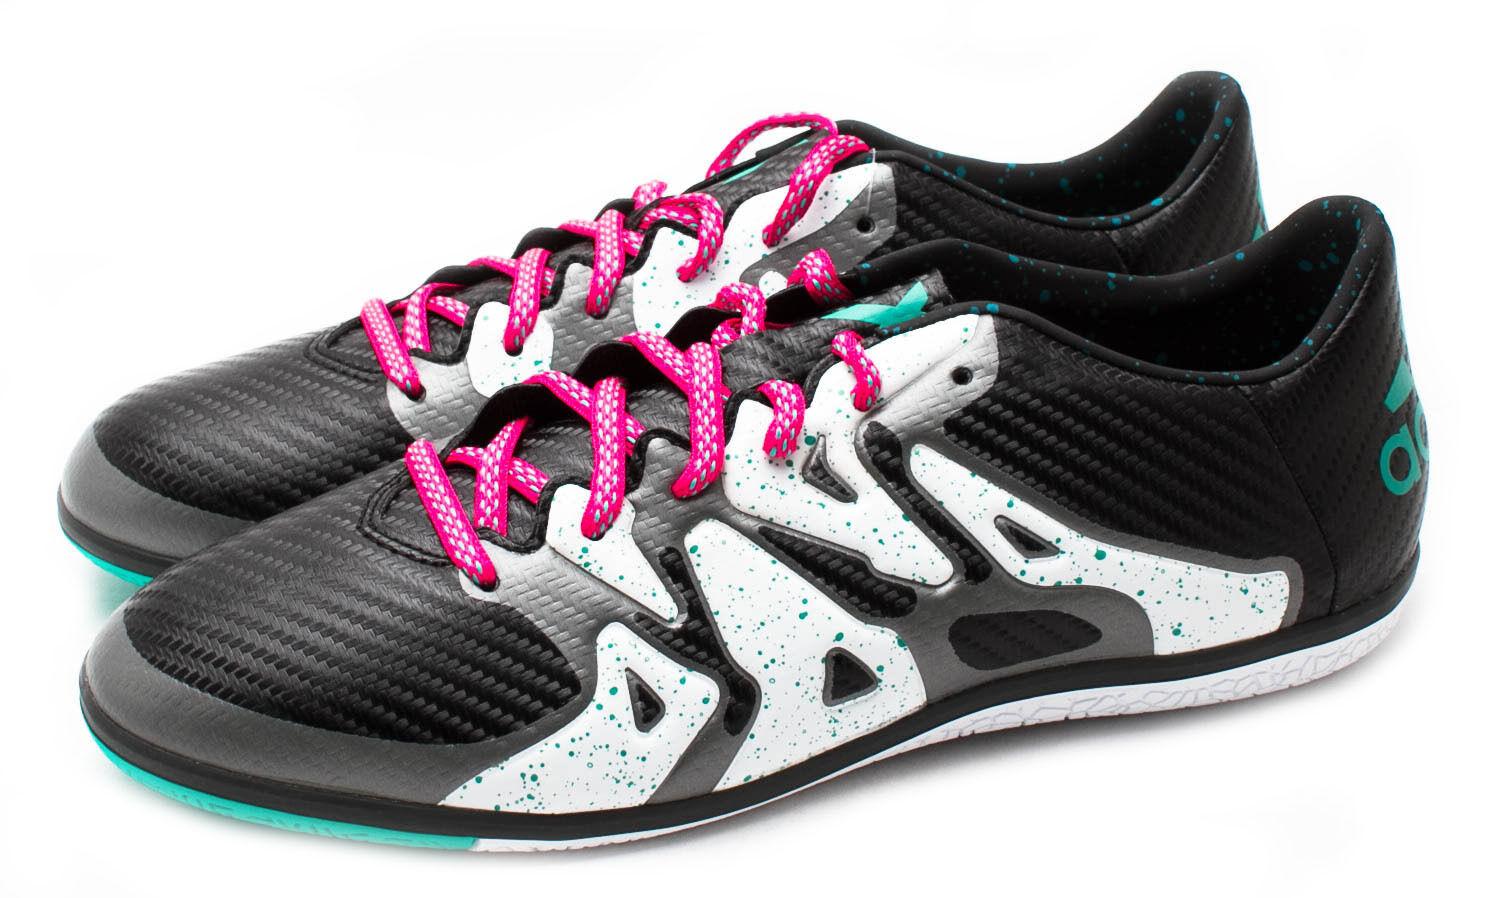 Adidas Men's X 15.3 IN Indoor Soccer Shoes S78182 Black/Shock Mint Sz 8 - 13 Casual wild